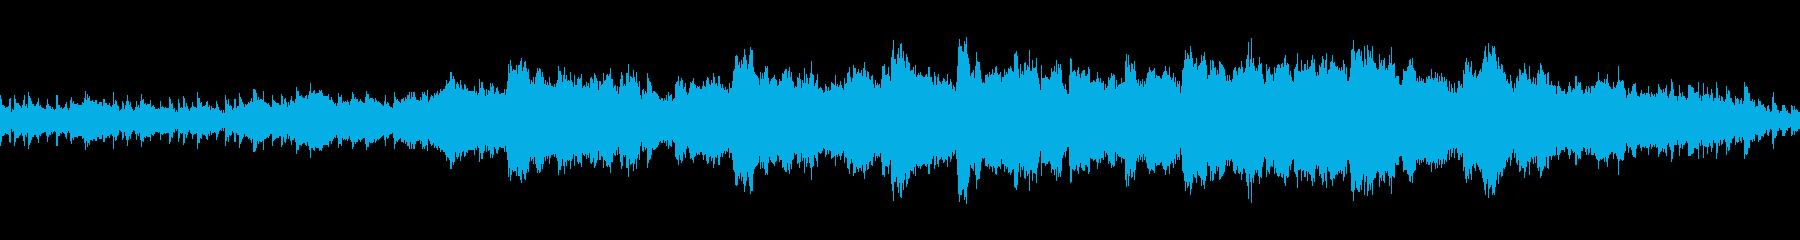 壮大でシリアスな弦・木琴・ピアノループの再生済みの波形